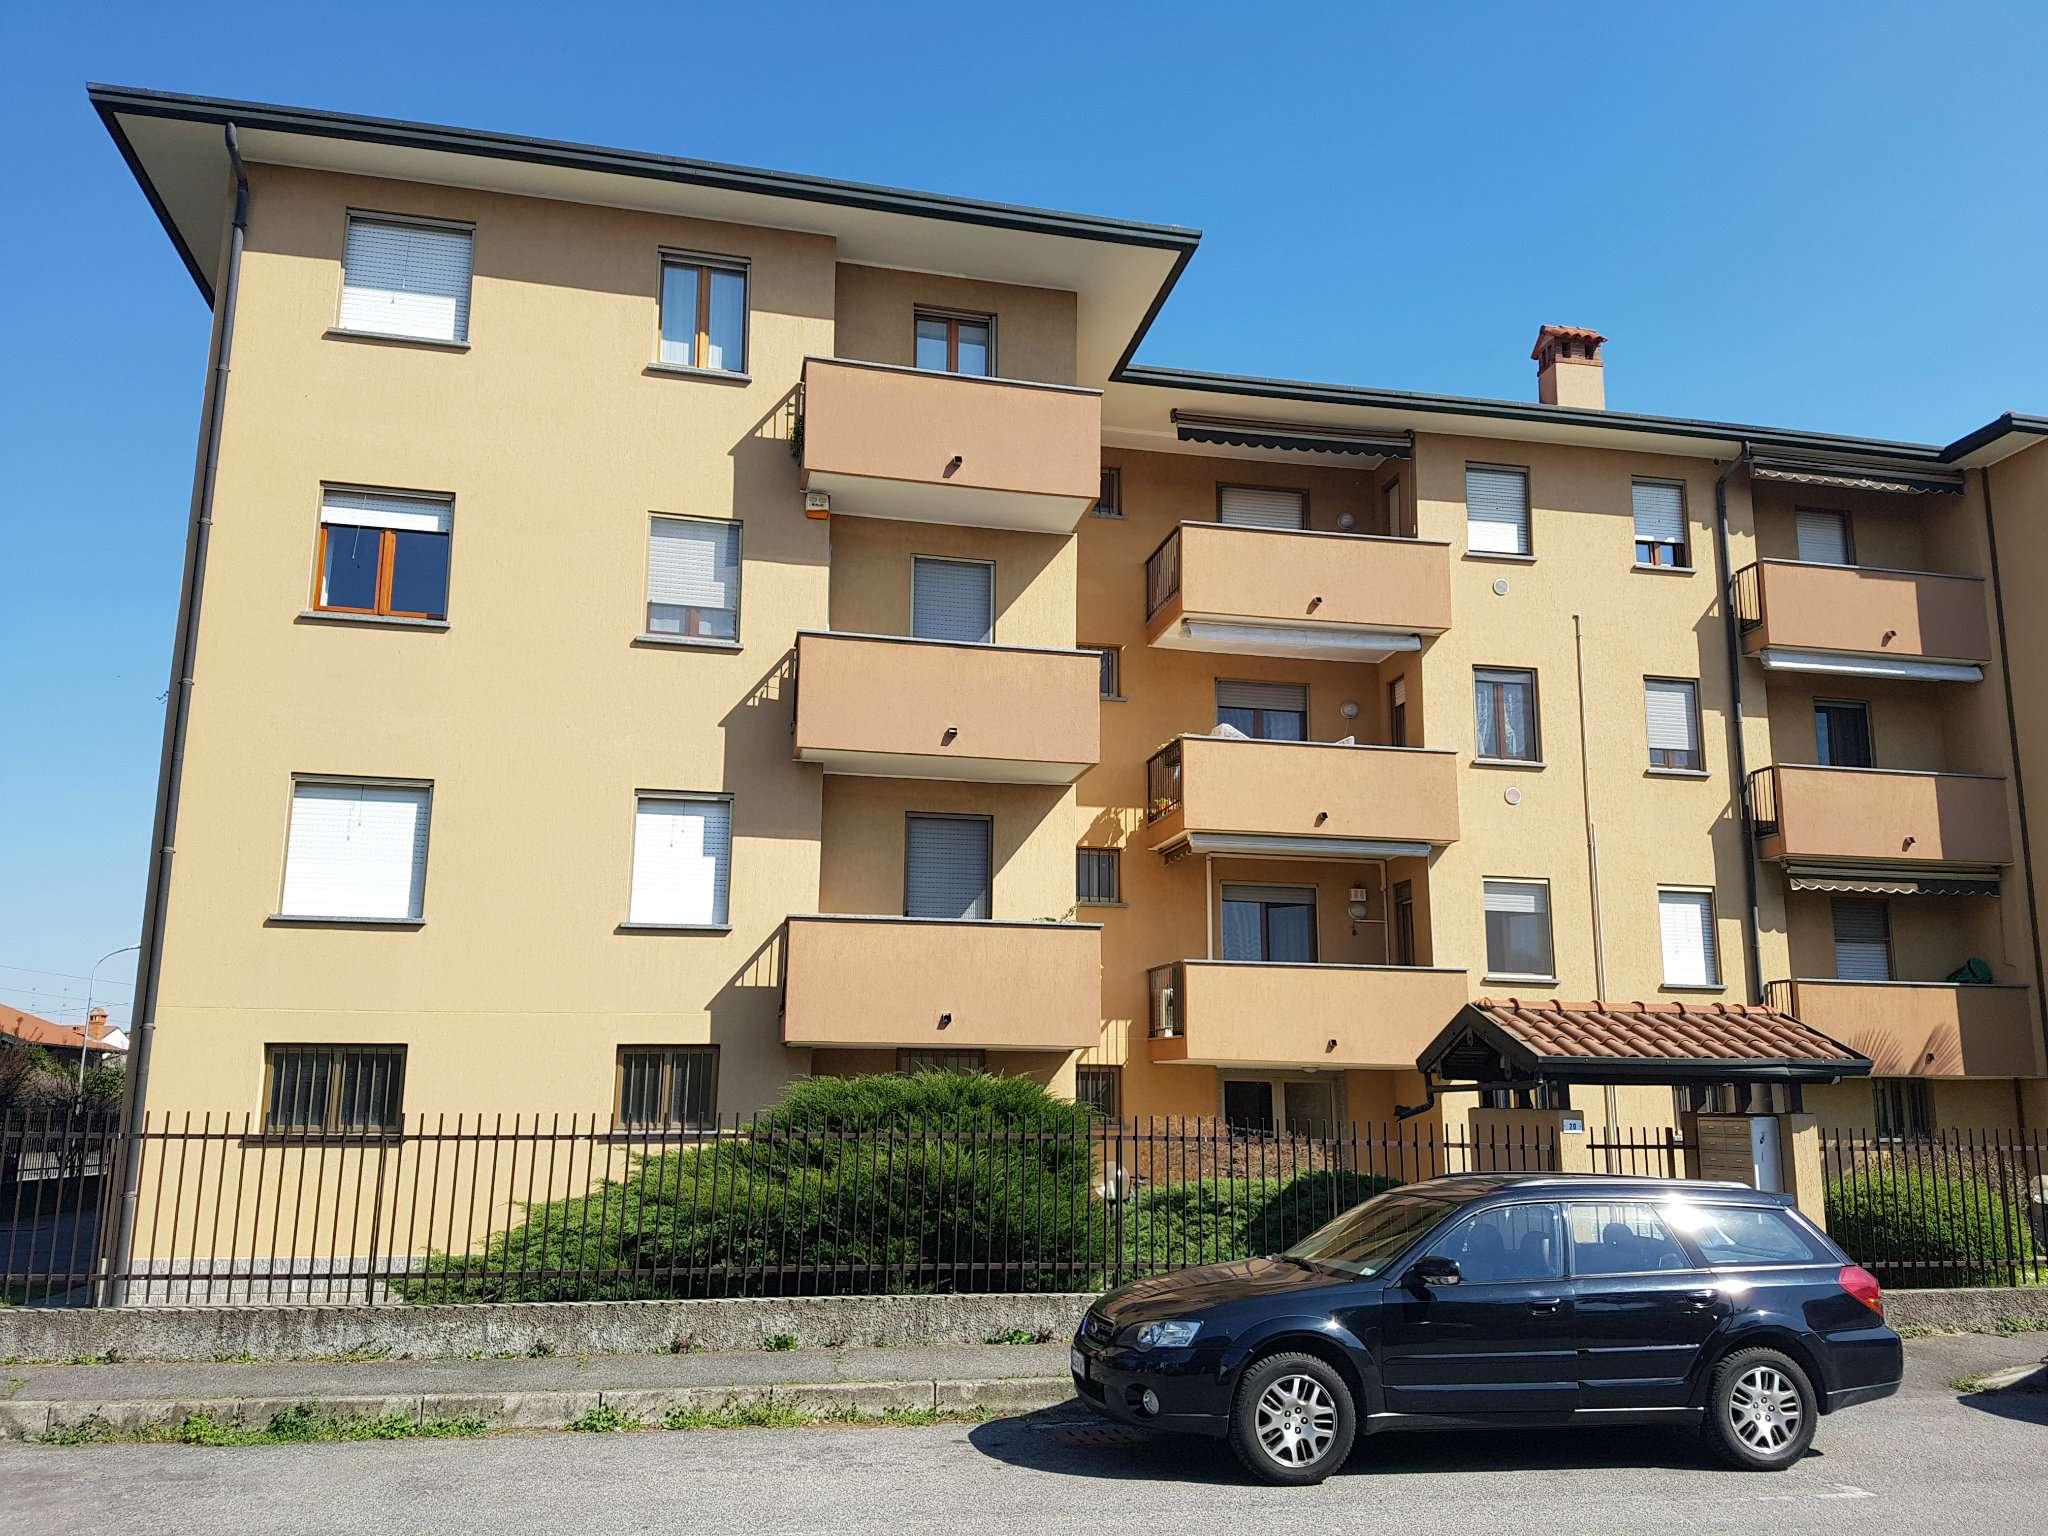 Appartamento in vendita a Bareggio, 2 locali, prezzo € 119.000 | CambioCasa.it